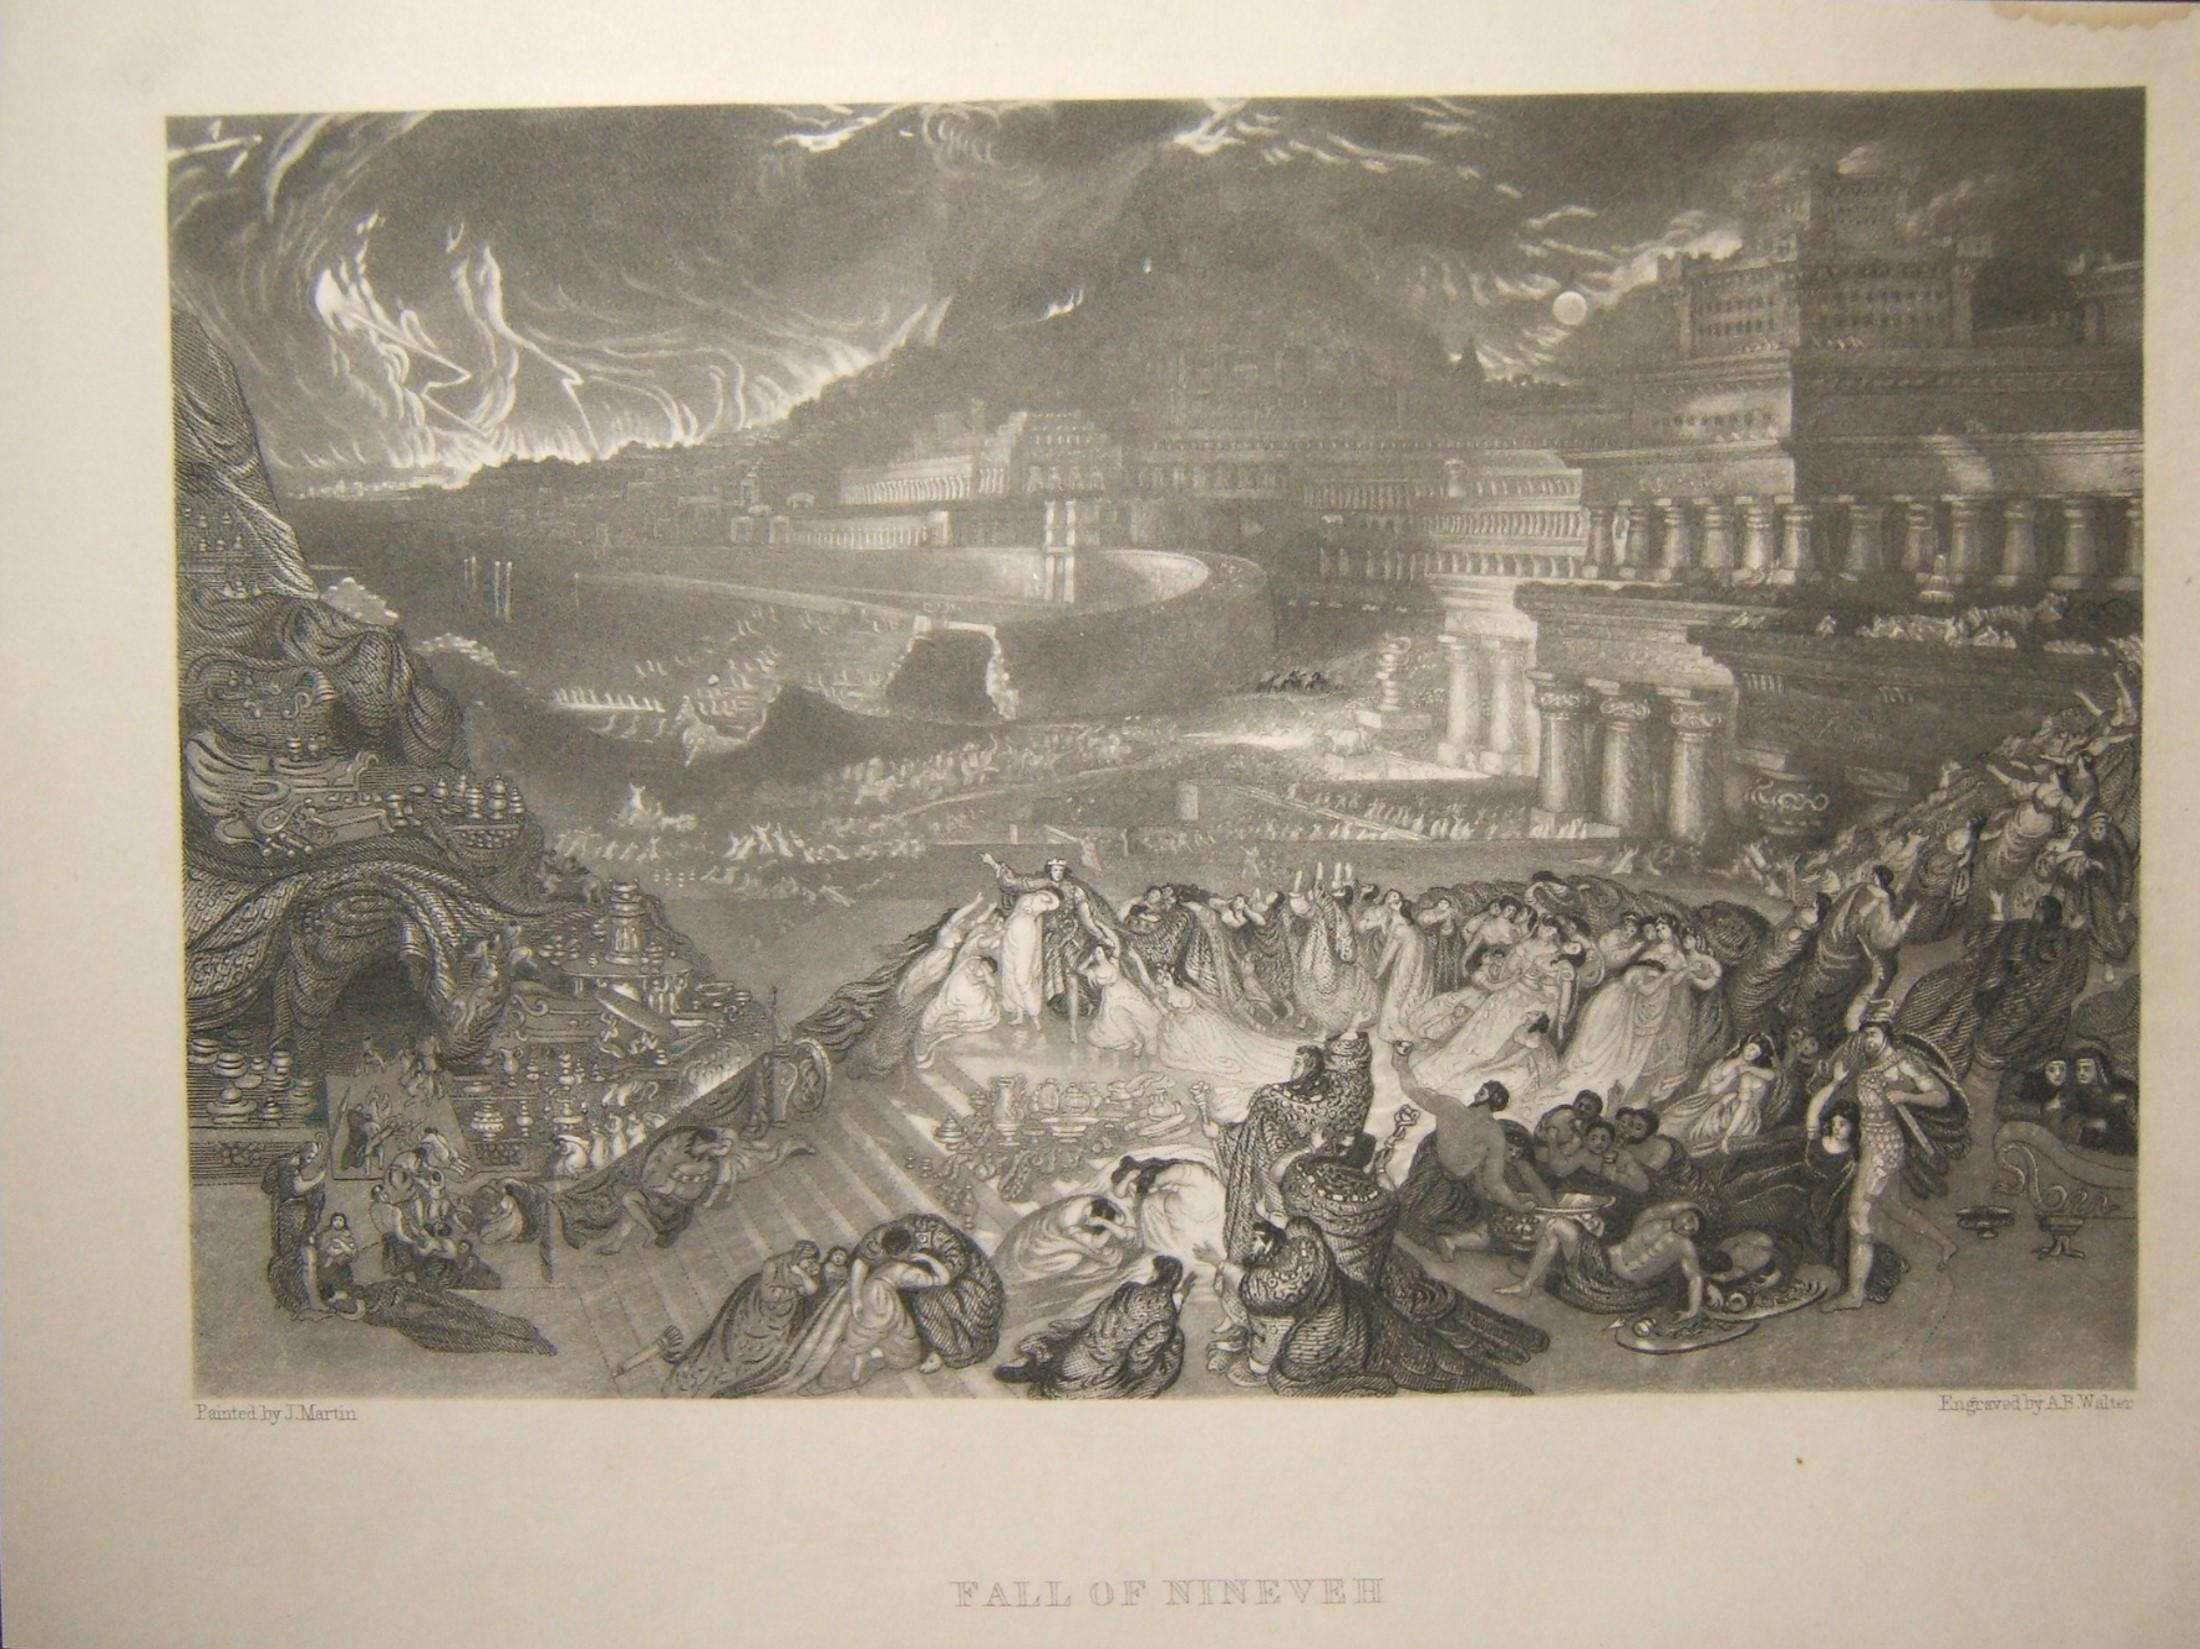 הדפסה מקראית סתיו של נינוה; ג 'יי מרטין & א.ב. וולטר, המאה ה -19